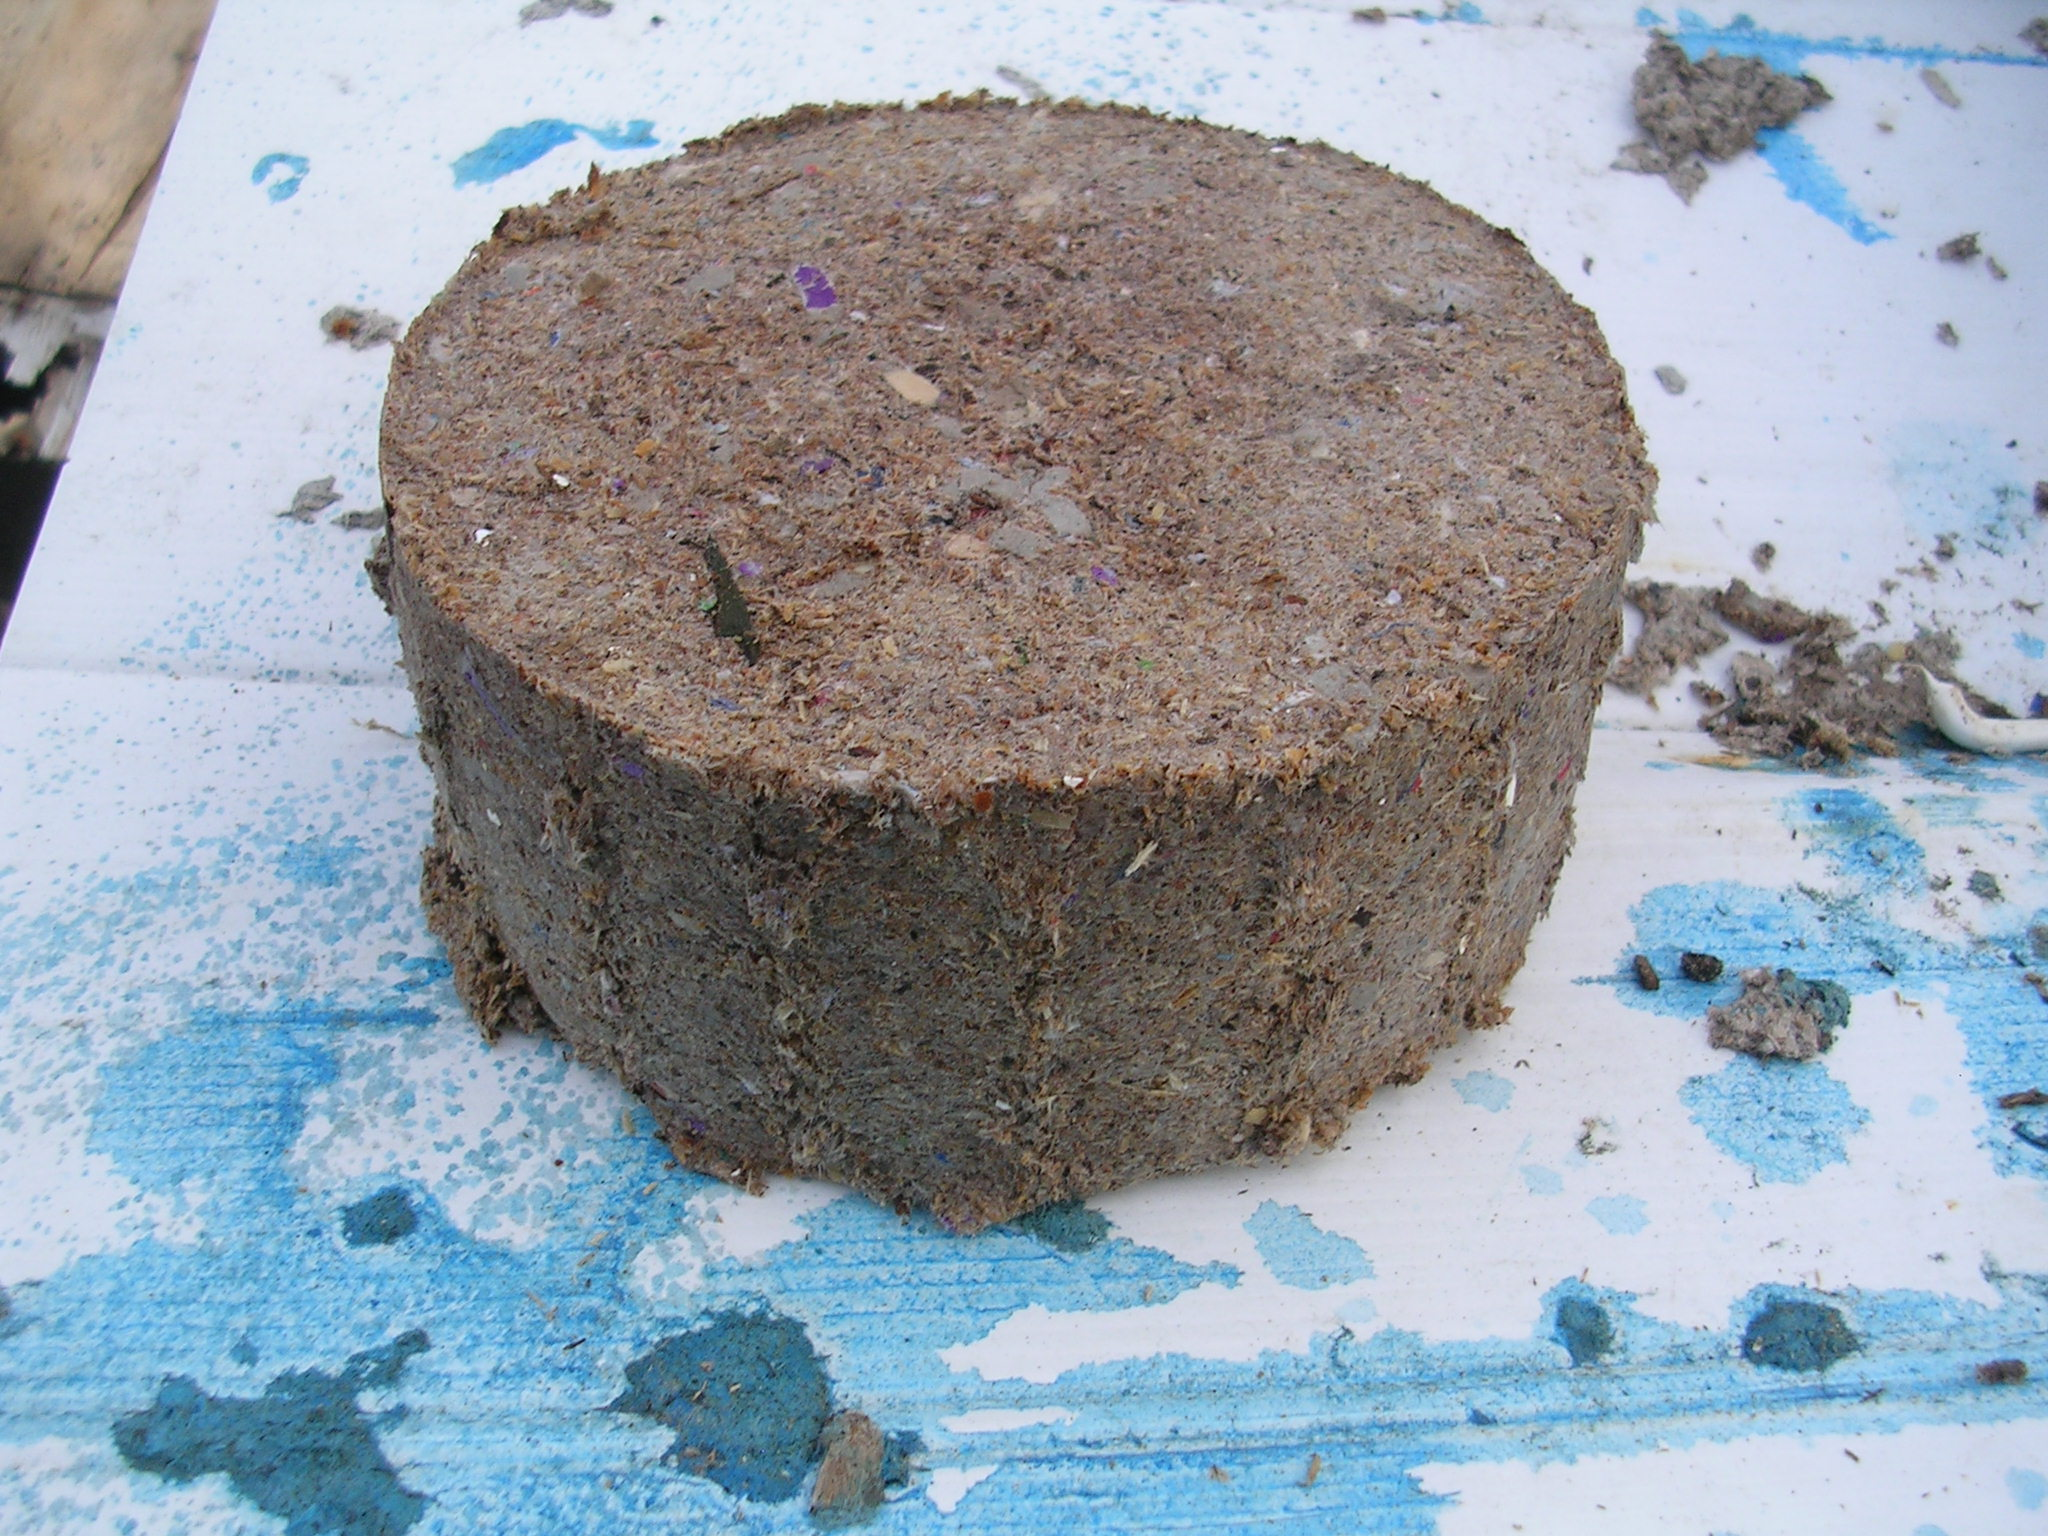 Bio fuel briquettes, compress paper pulp and sawdust into fuel bricks.